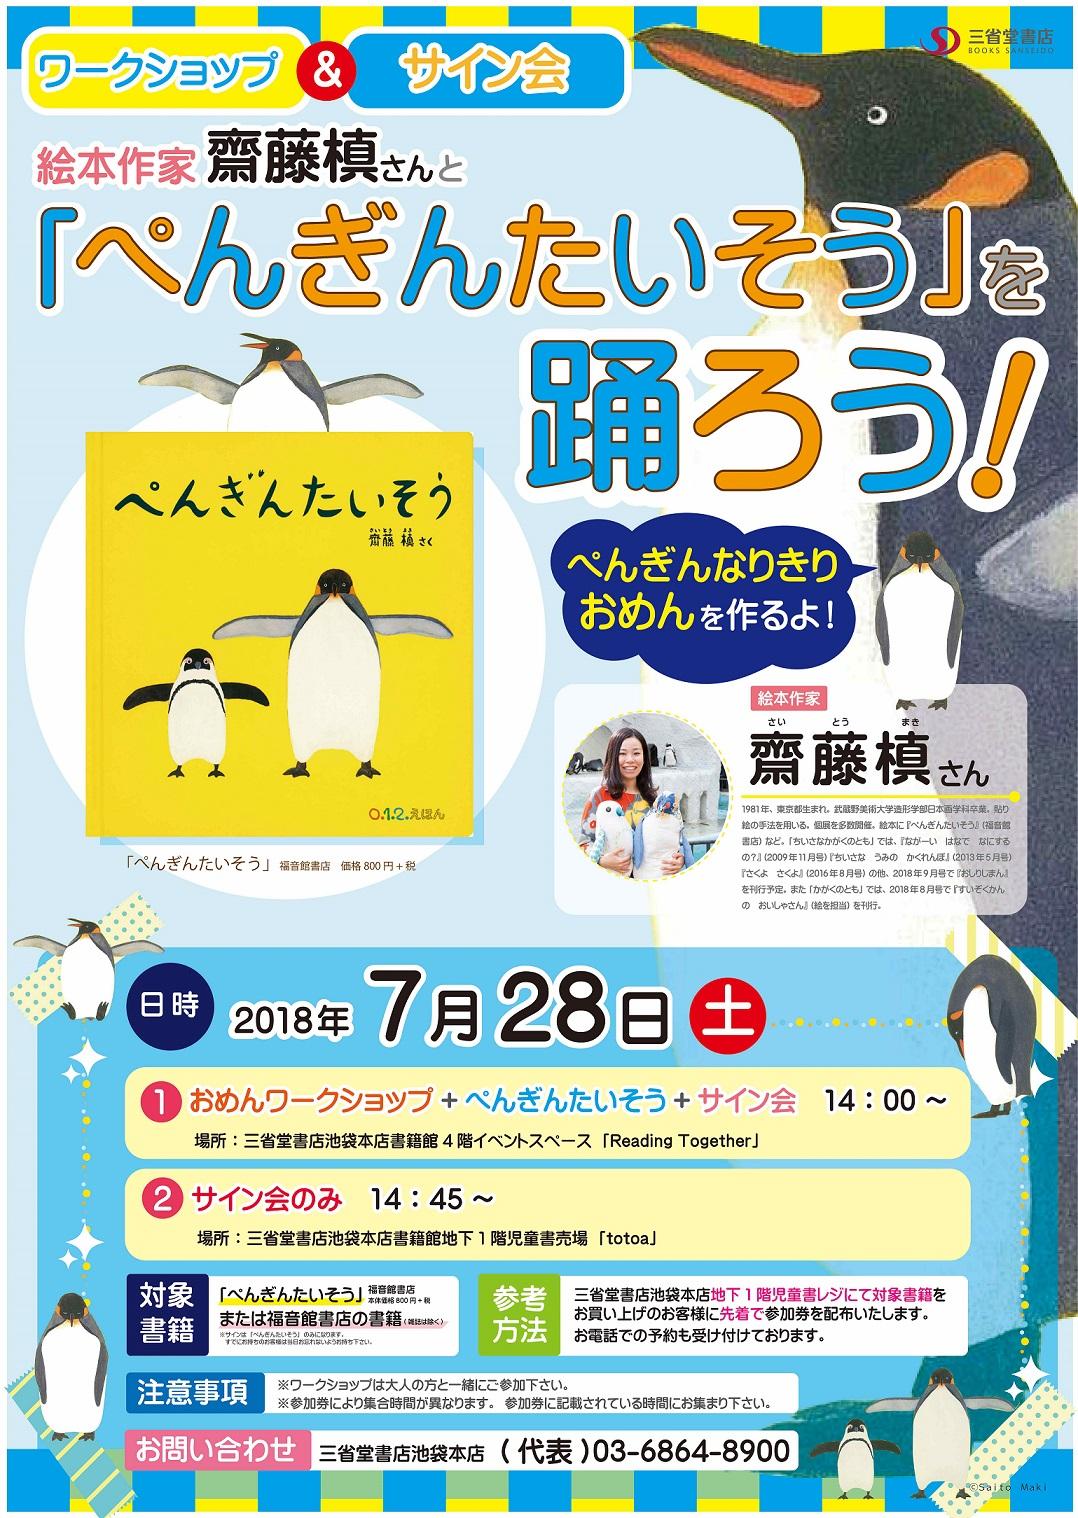 絵本作家 齋藤槙さんと「ぺんぎんたいそう」を踊ろう!ワークショップ&サイン会